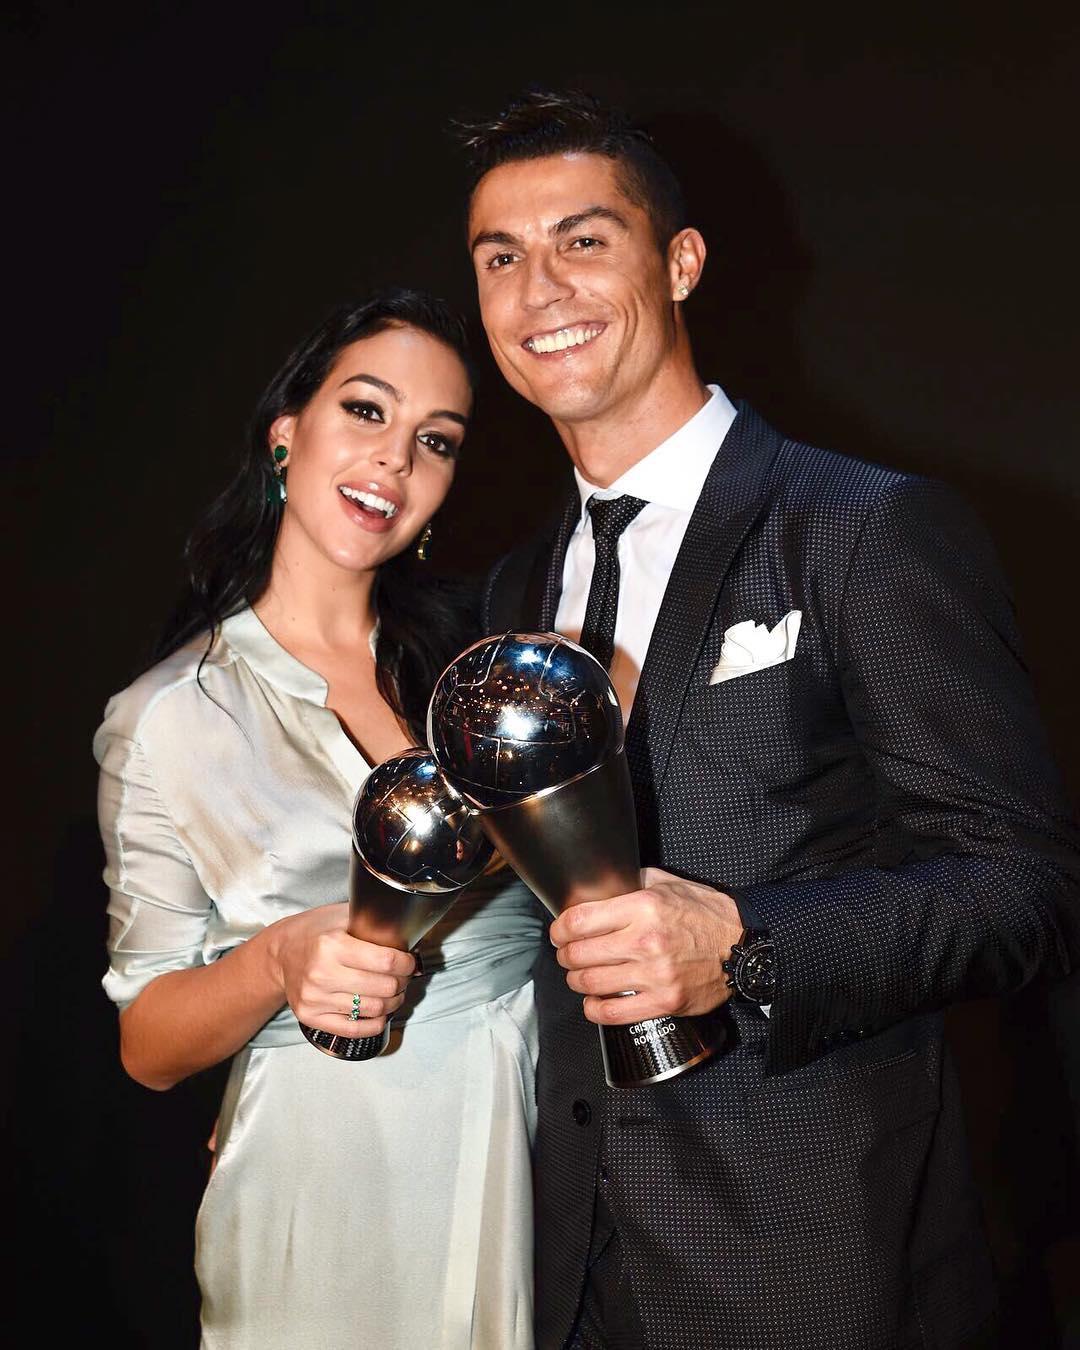 Georgina dedica mensagem emotiva a Cristiano Ronaldo